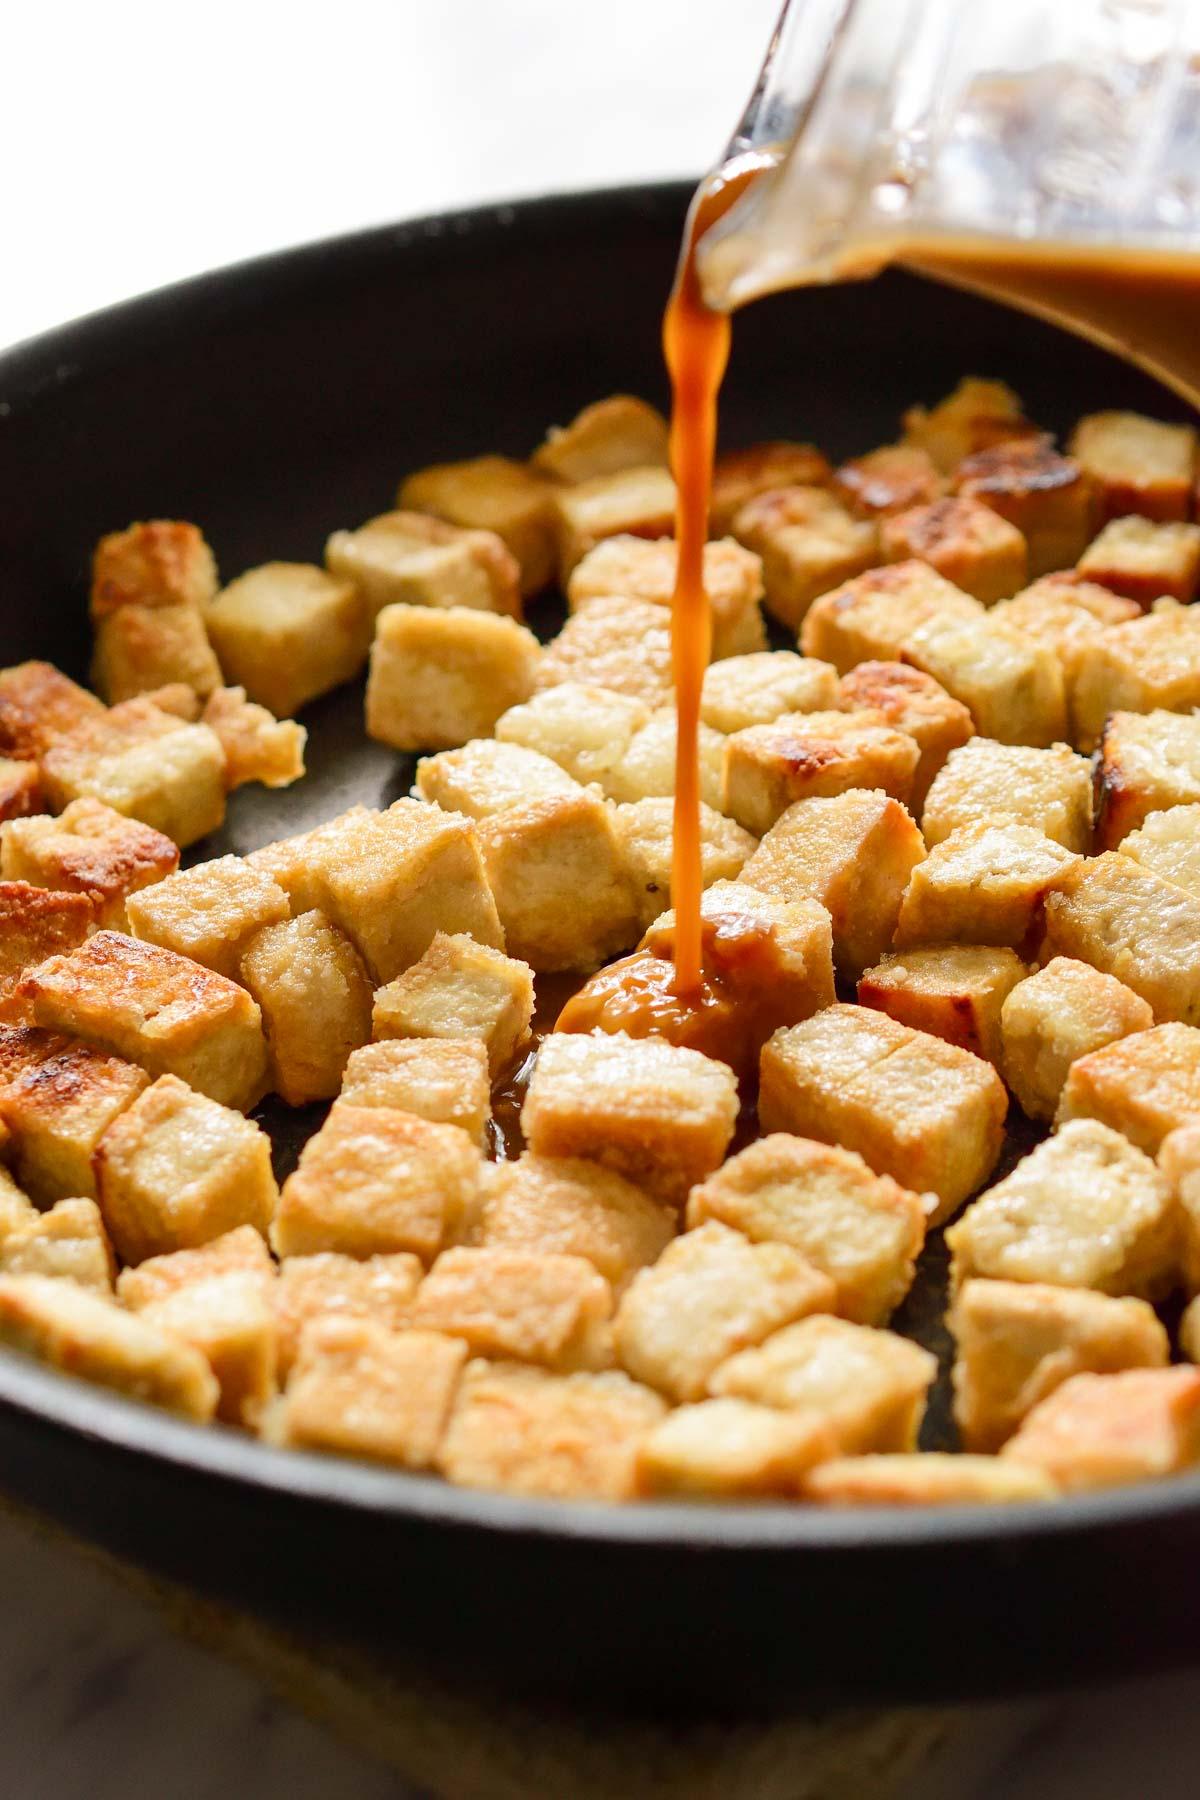 Pouring the teriyaki sauce into the pan of crispy fried tofu.